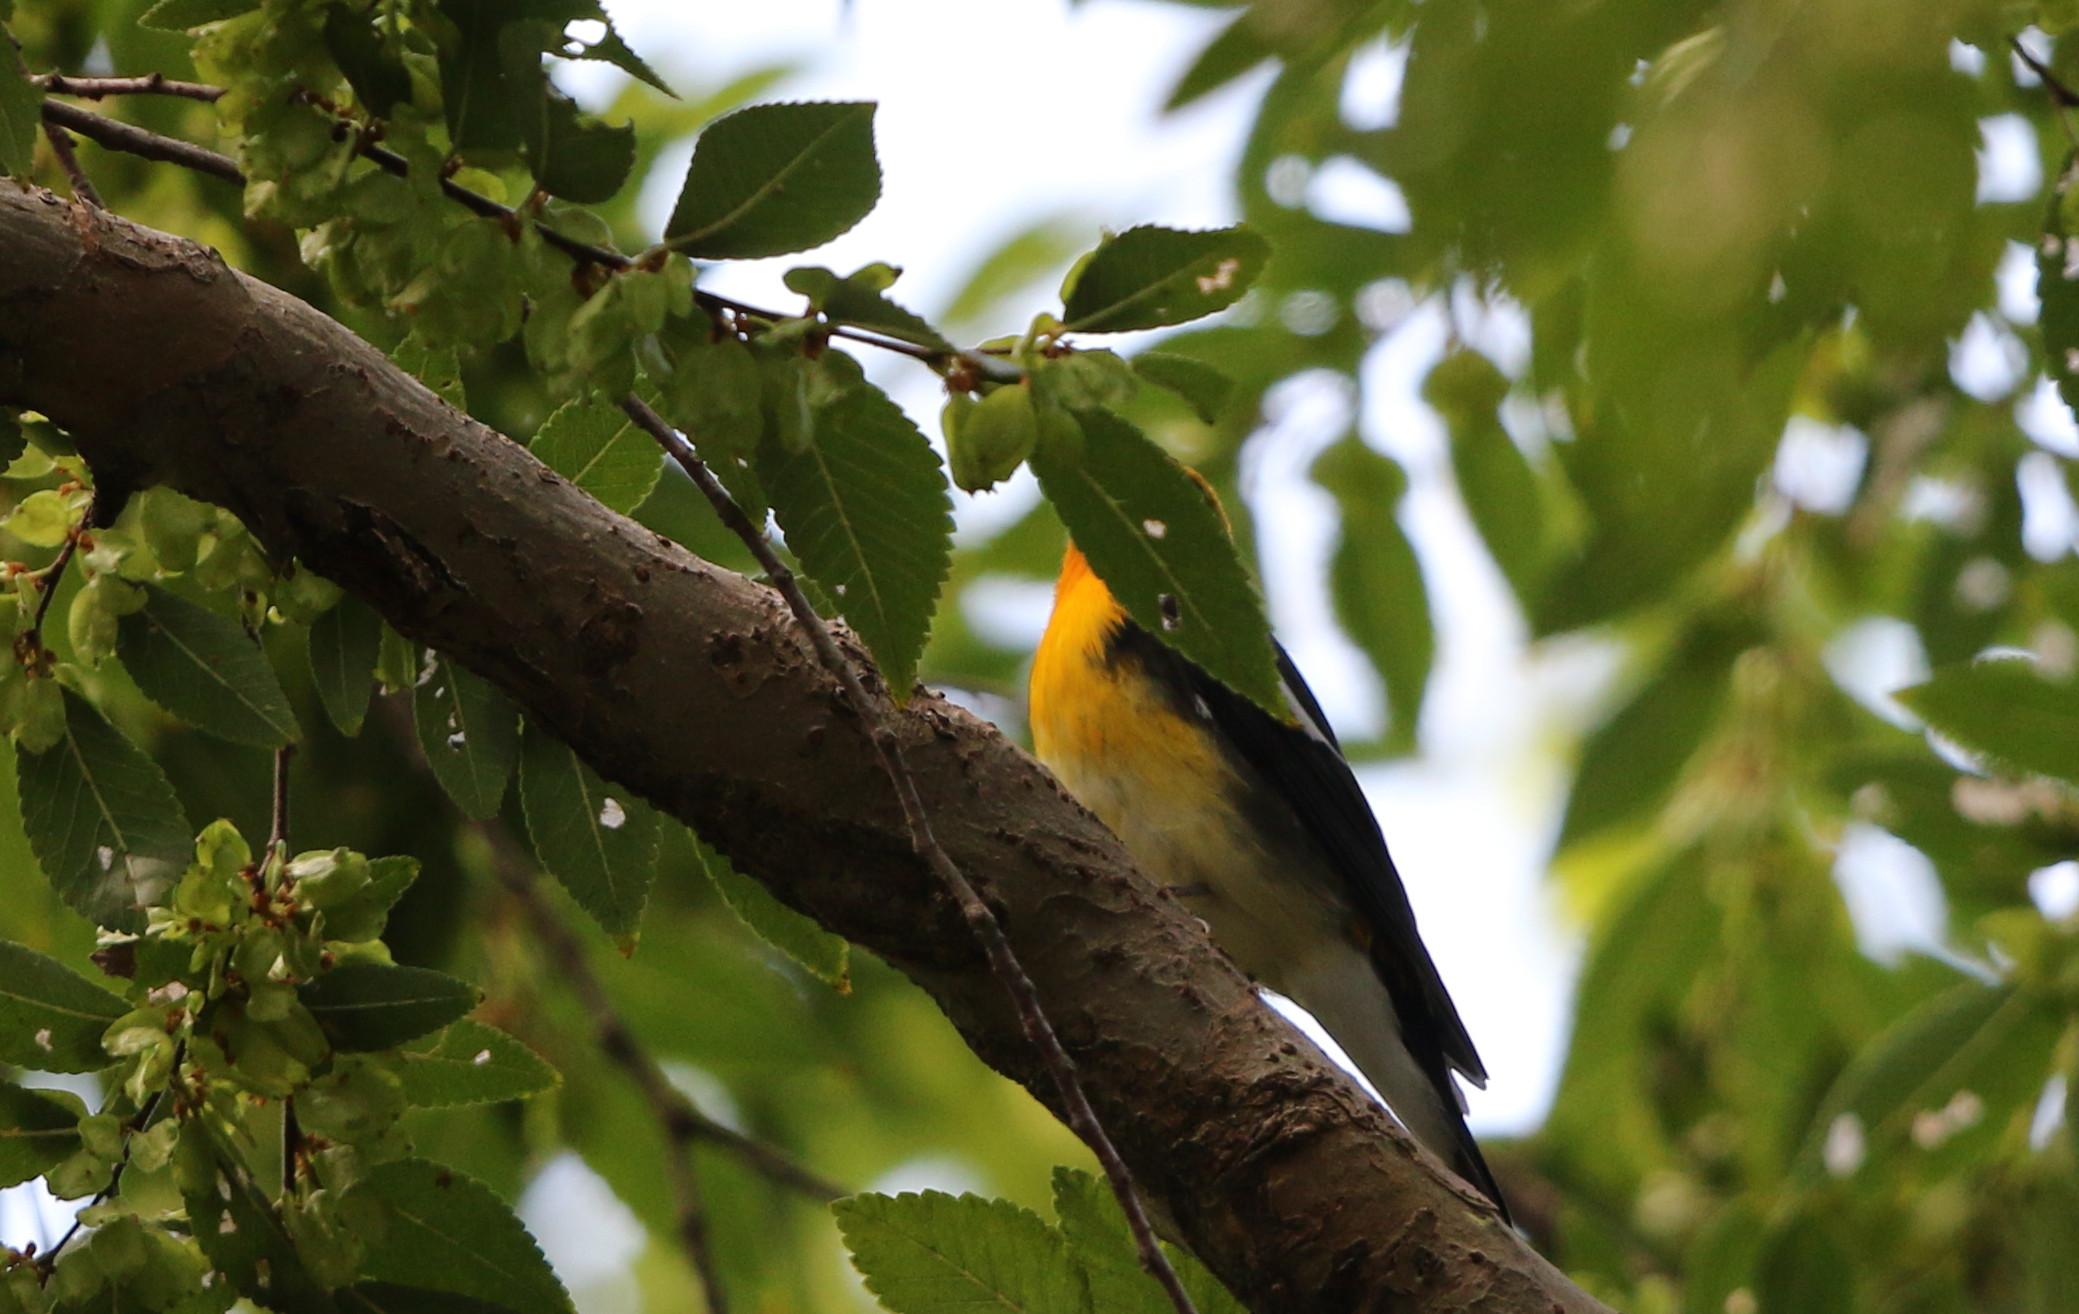 MFの森に渡りの立ち寄りの鳥(キビタキ その4)_f0239515_1718196.jpg